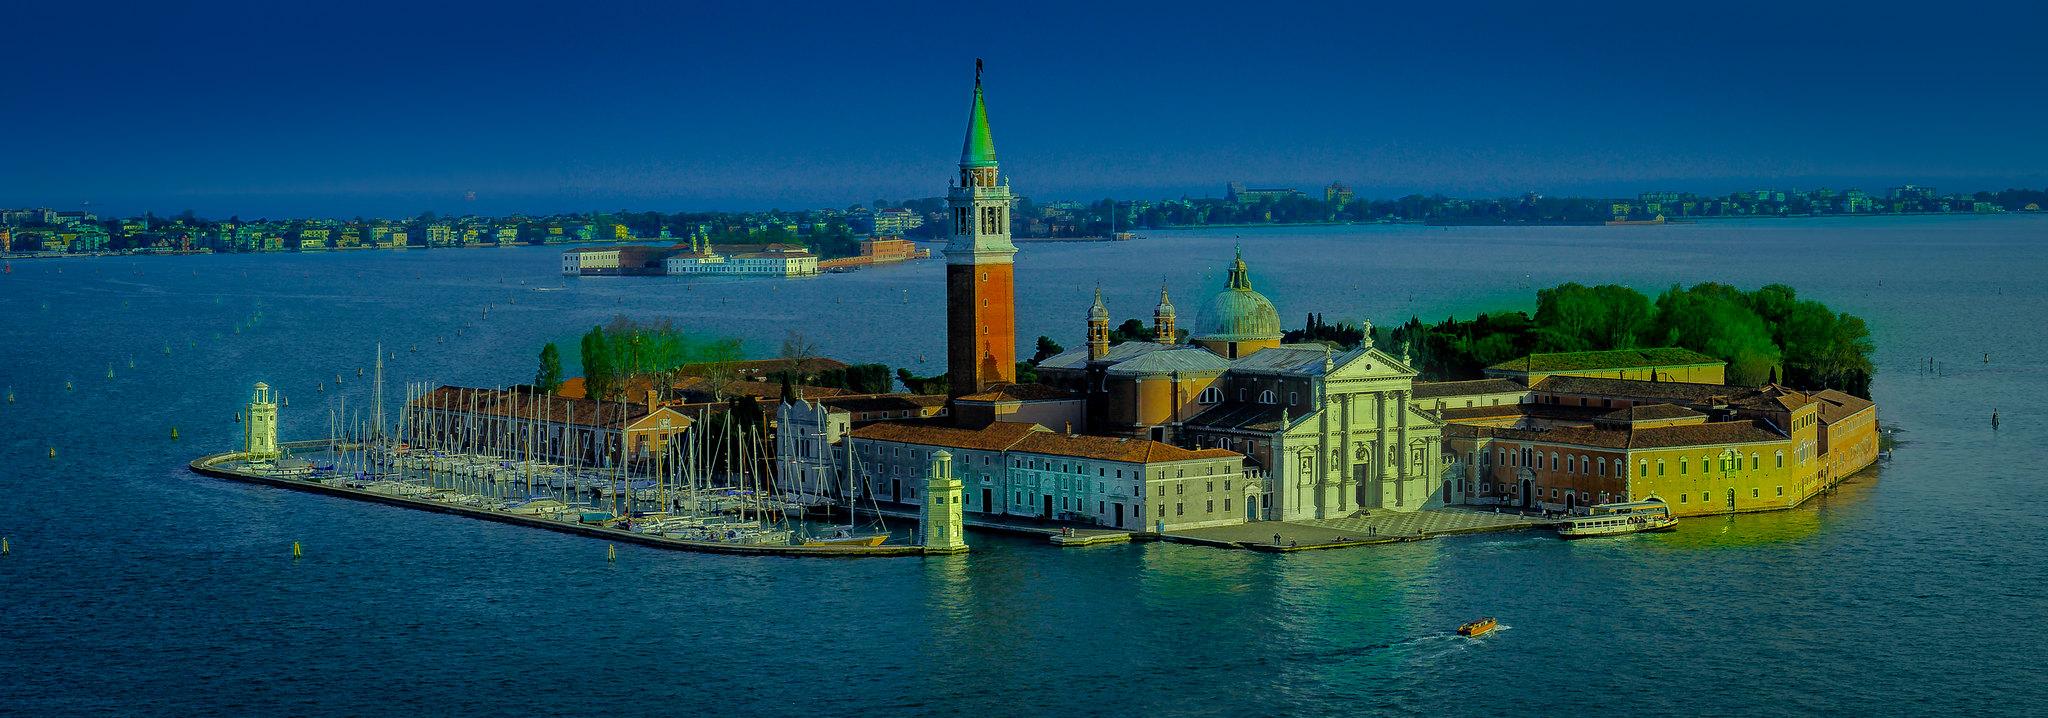 isola san giorgio venezia come arrivare